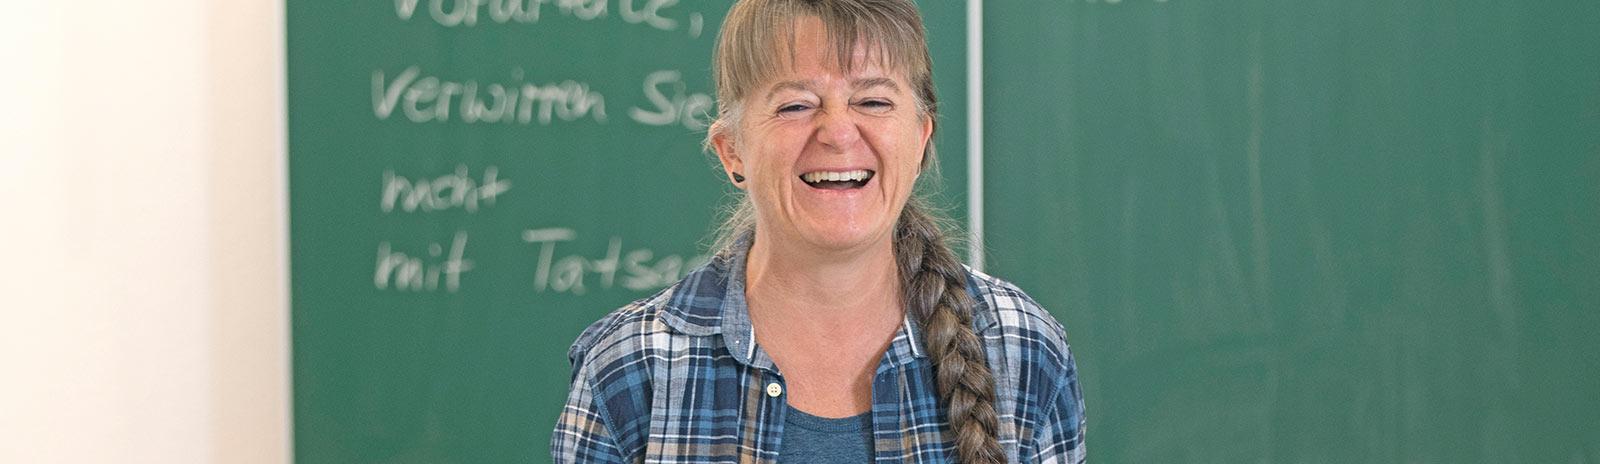 fachschule_nonnenweier_1